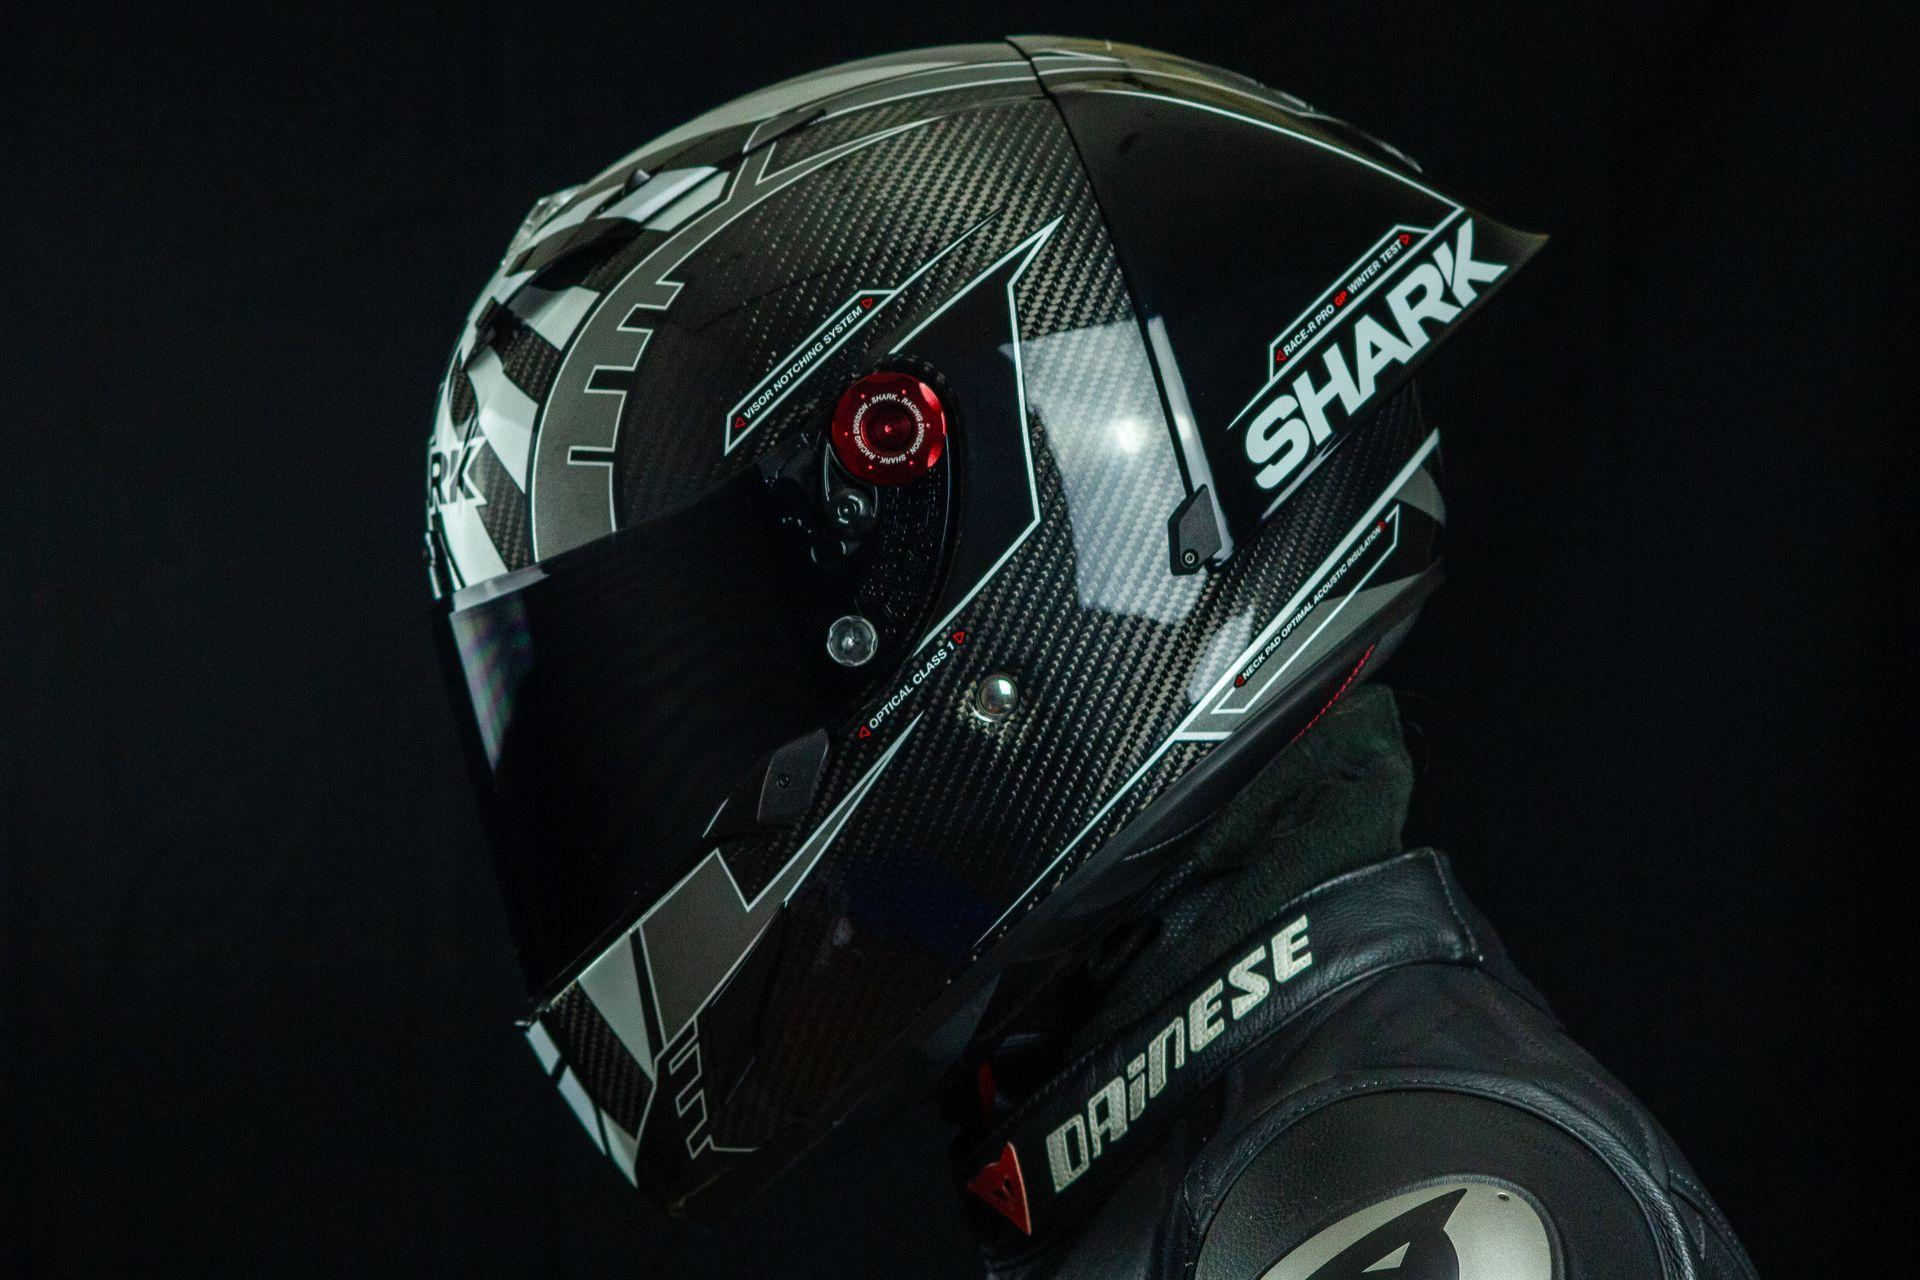 Casque moto, équipement de protection. Comment bien choisir ?